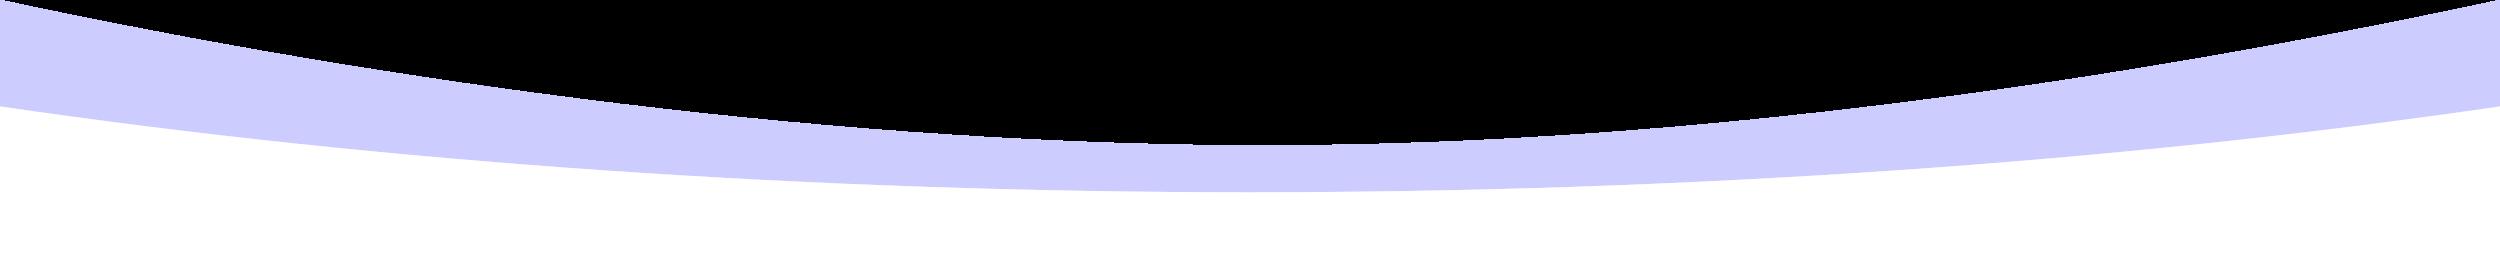 曲線の飾り枠